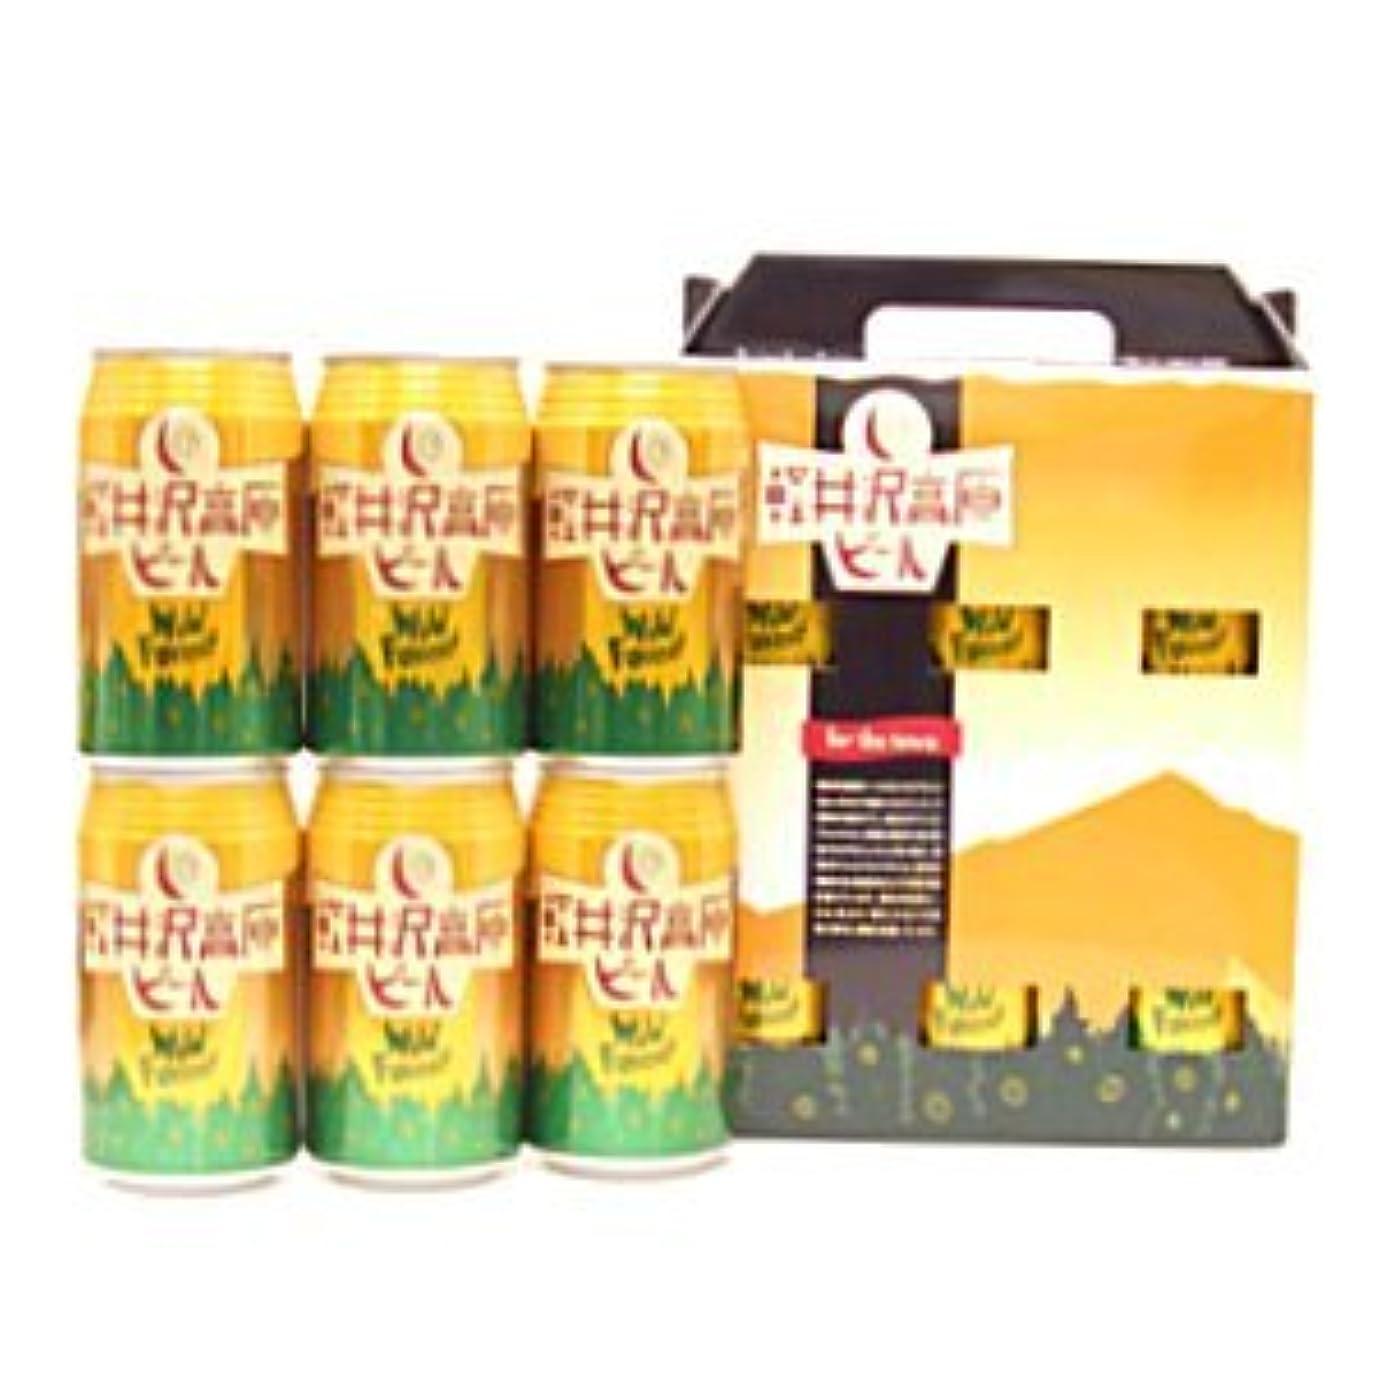 に負ける定期的レンジ軽井沢高原ビール ワイルドフォレスト 350ml 6本セット